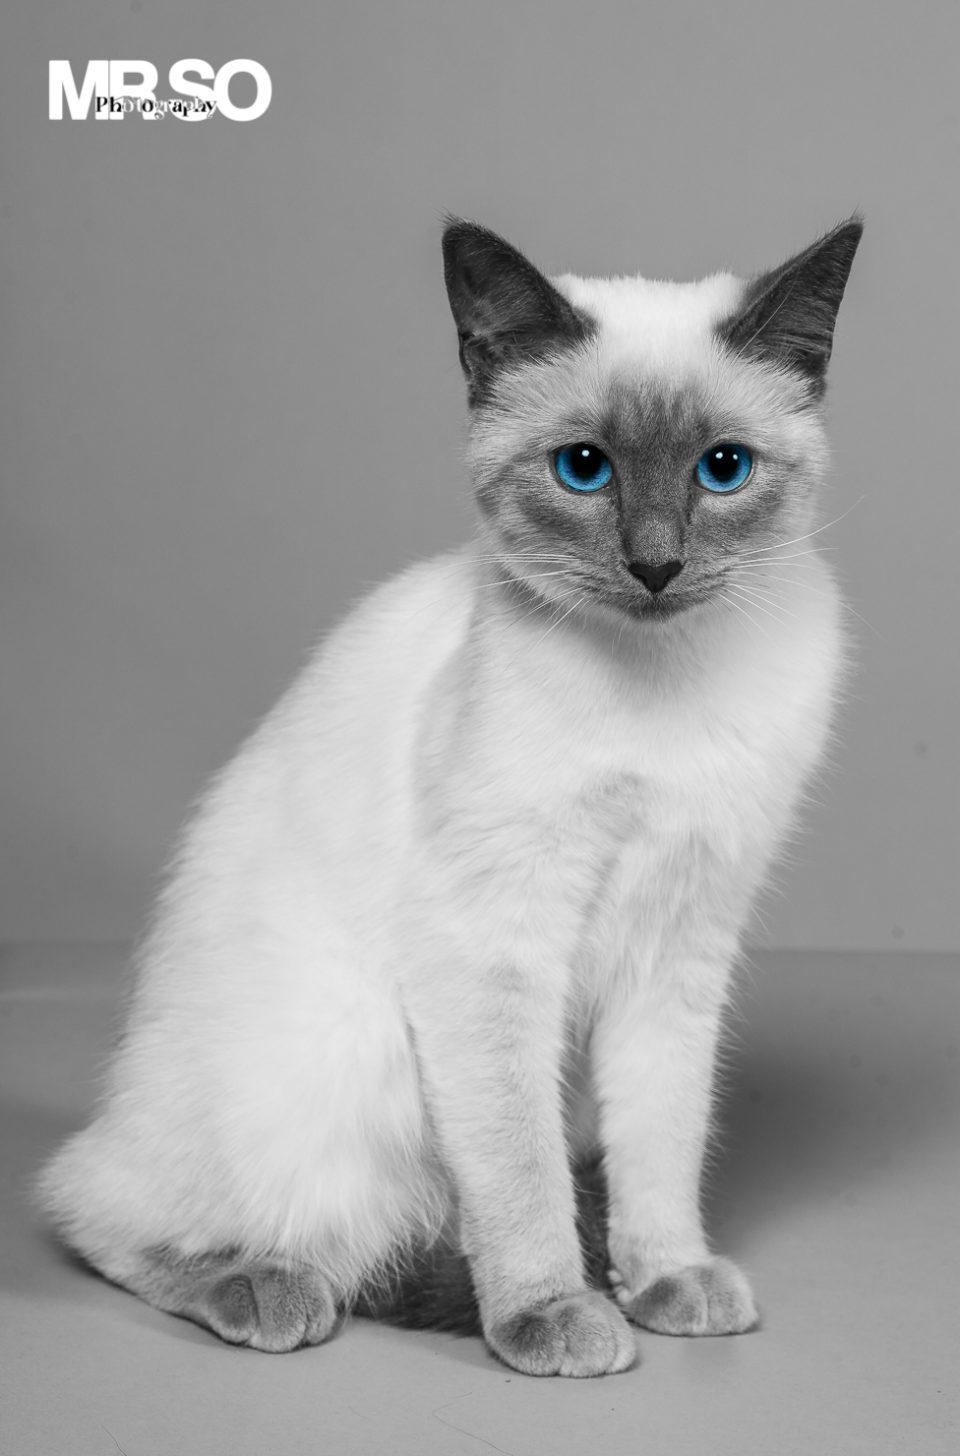 Le chat: Photographe animalier 45 Orléans Loiret et Centre Val de Loire